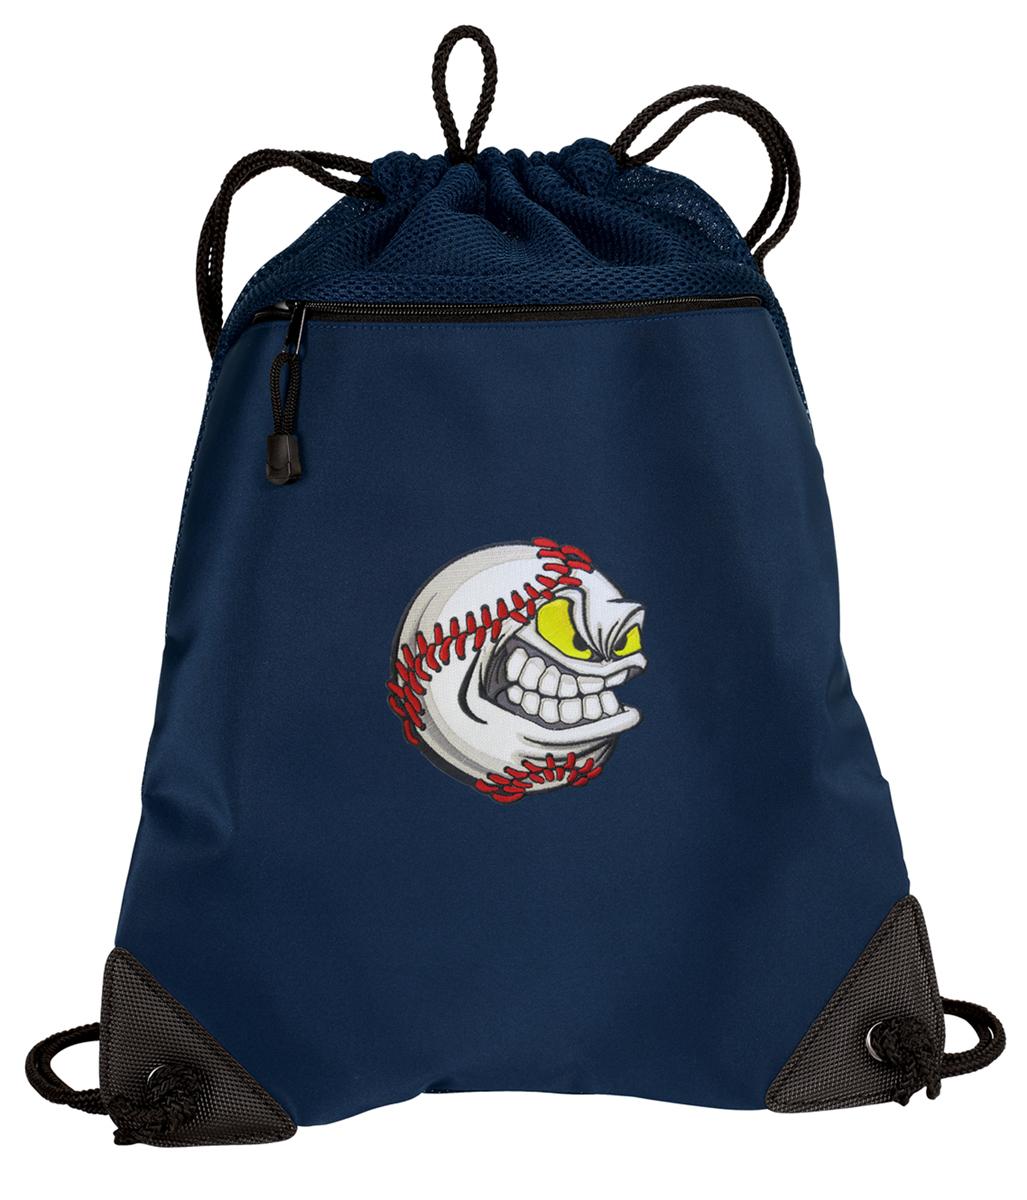 School Bag great gift Baseball Drawstring Backpack Day Bag Adjustable Cinch Sack Shoulder Bag Pockets Rucksack